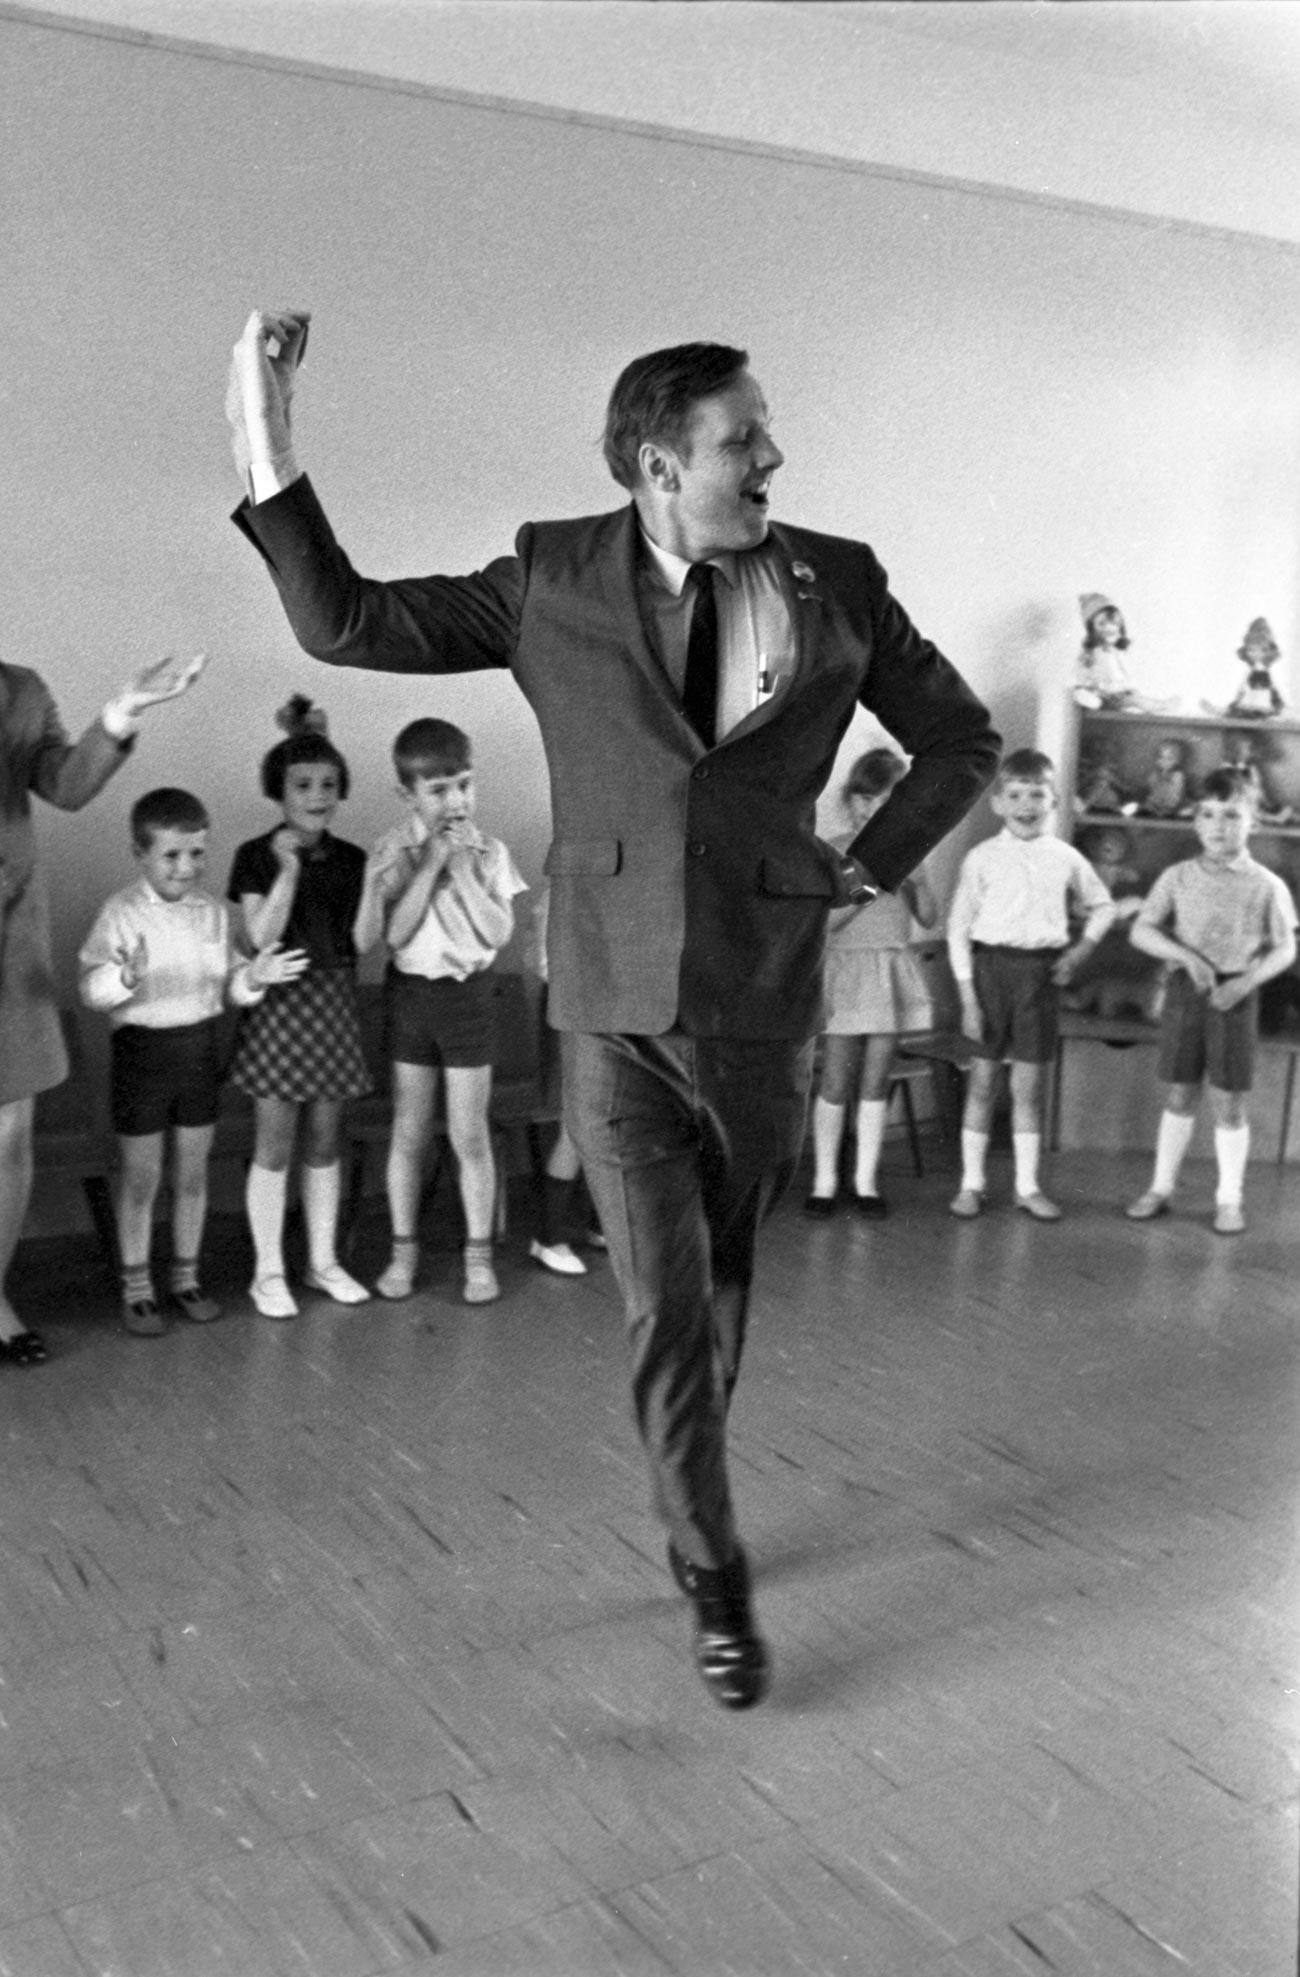 Neil Armstrong menari di pusat kesehatan anak-anak Solnyshko, dekat Leningrad.